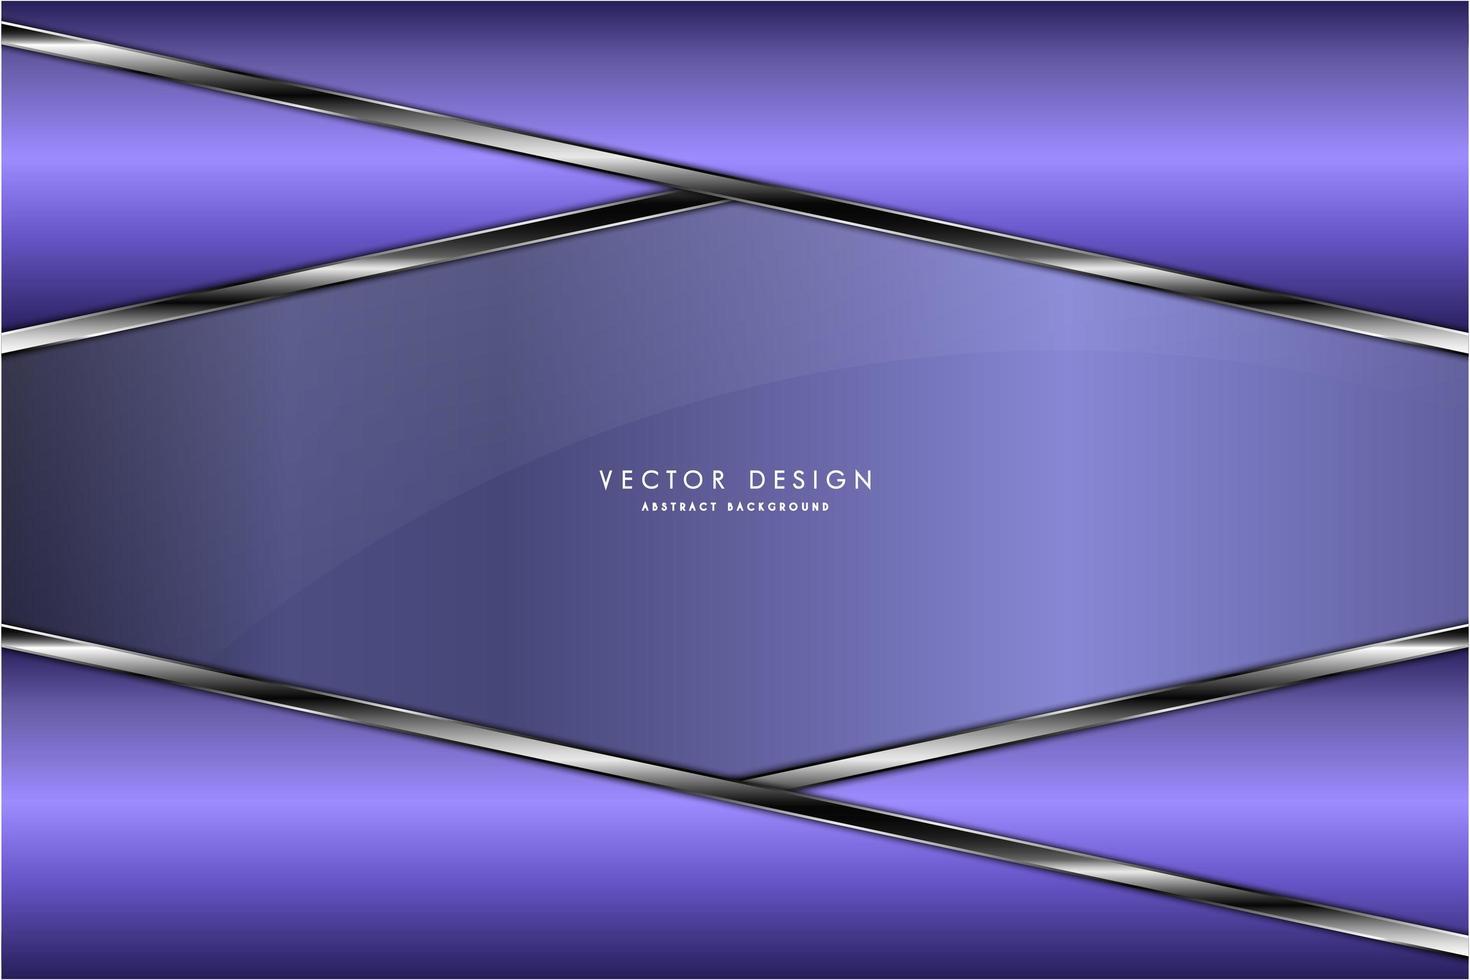 assiettes coudées violettes métalliques avec bordures argentées vecteur